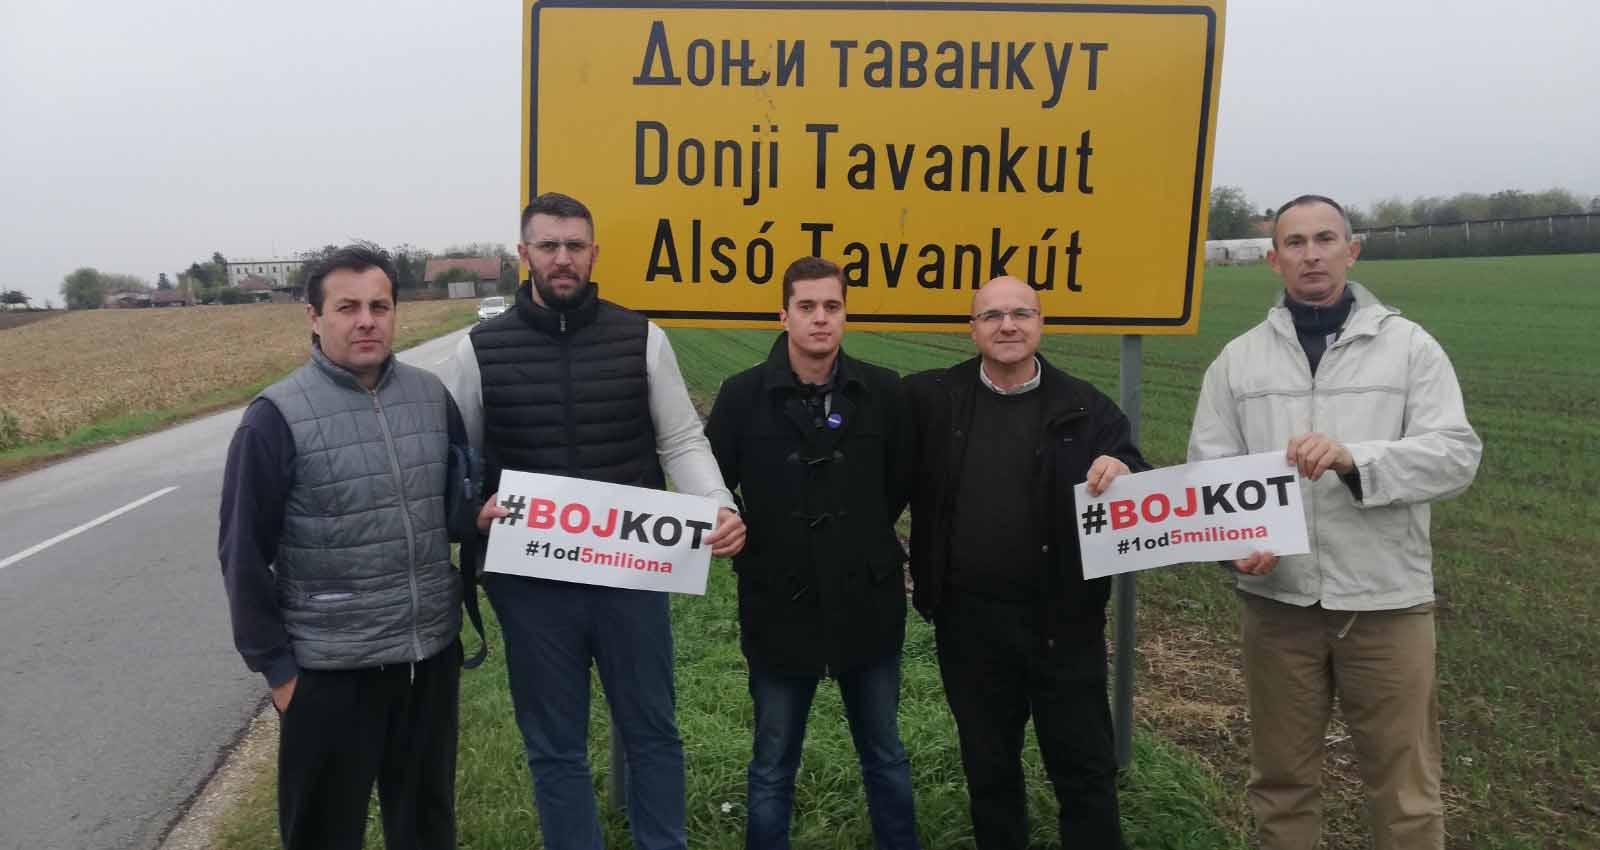 Новаковић: Бојкот система, јер држава бојкотује право на фер изборе